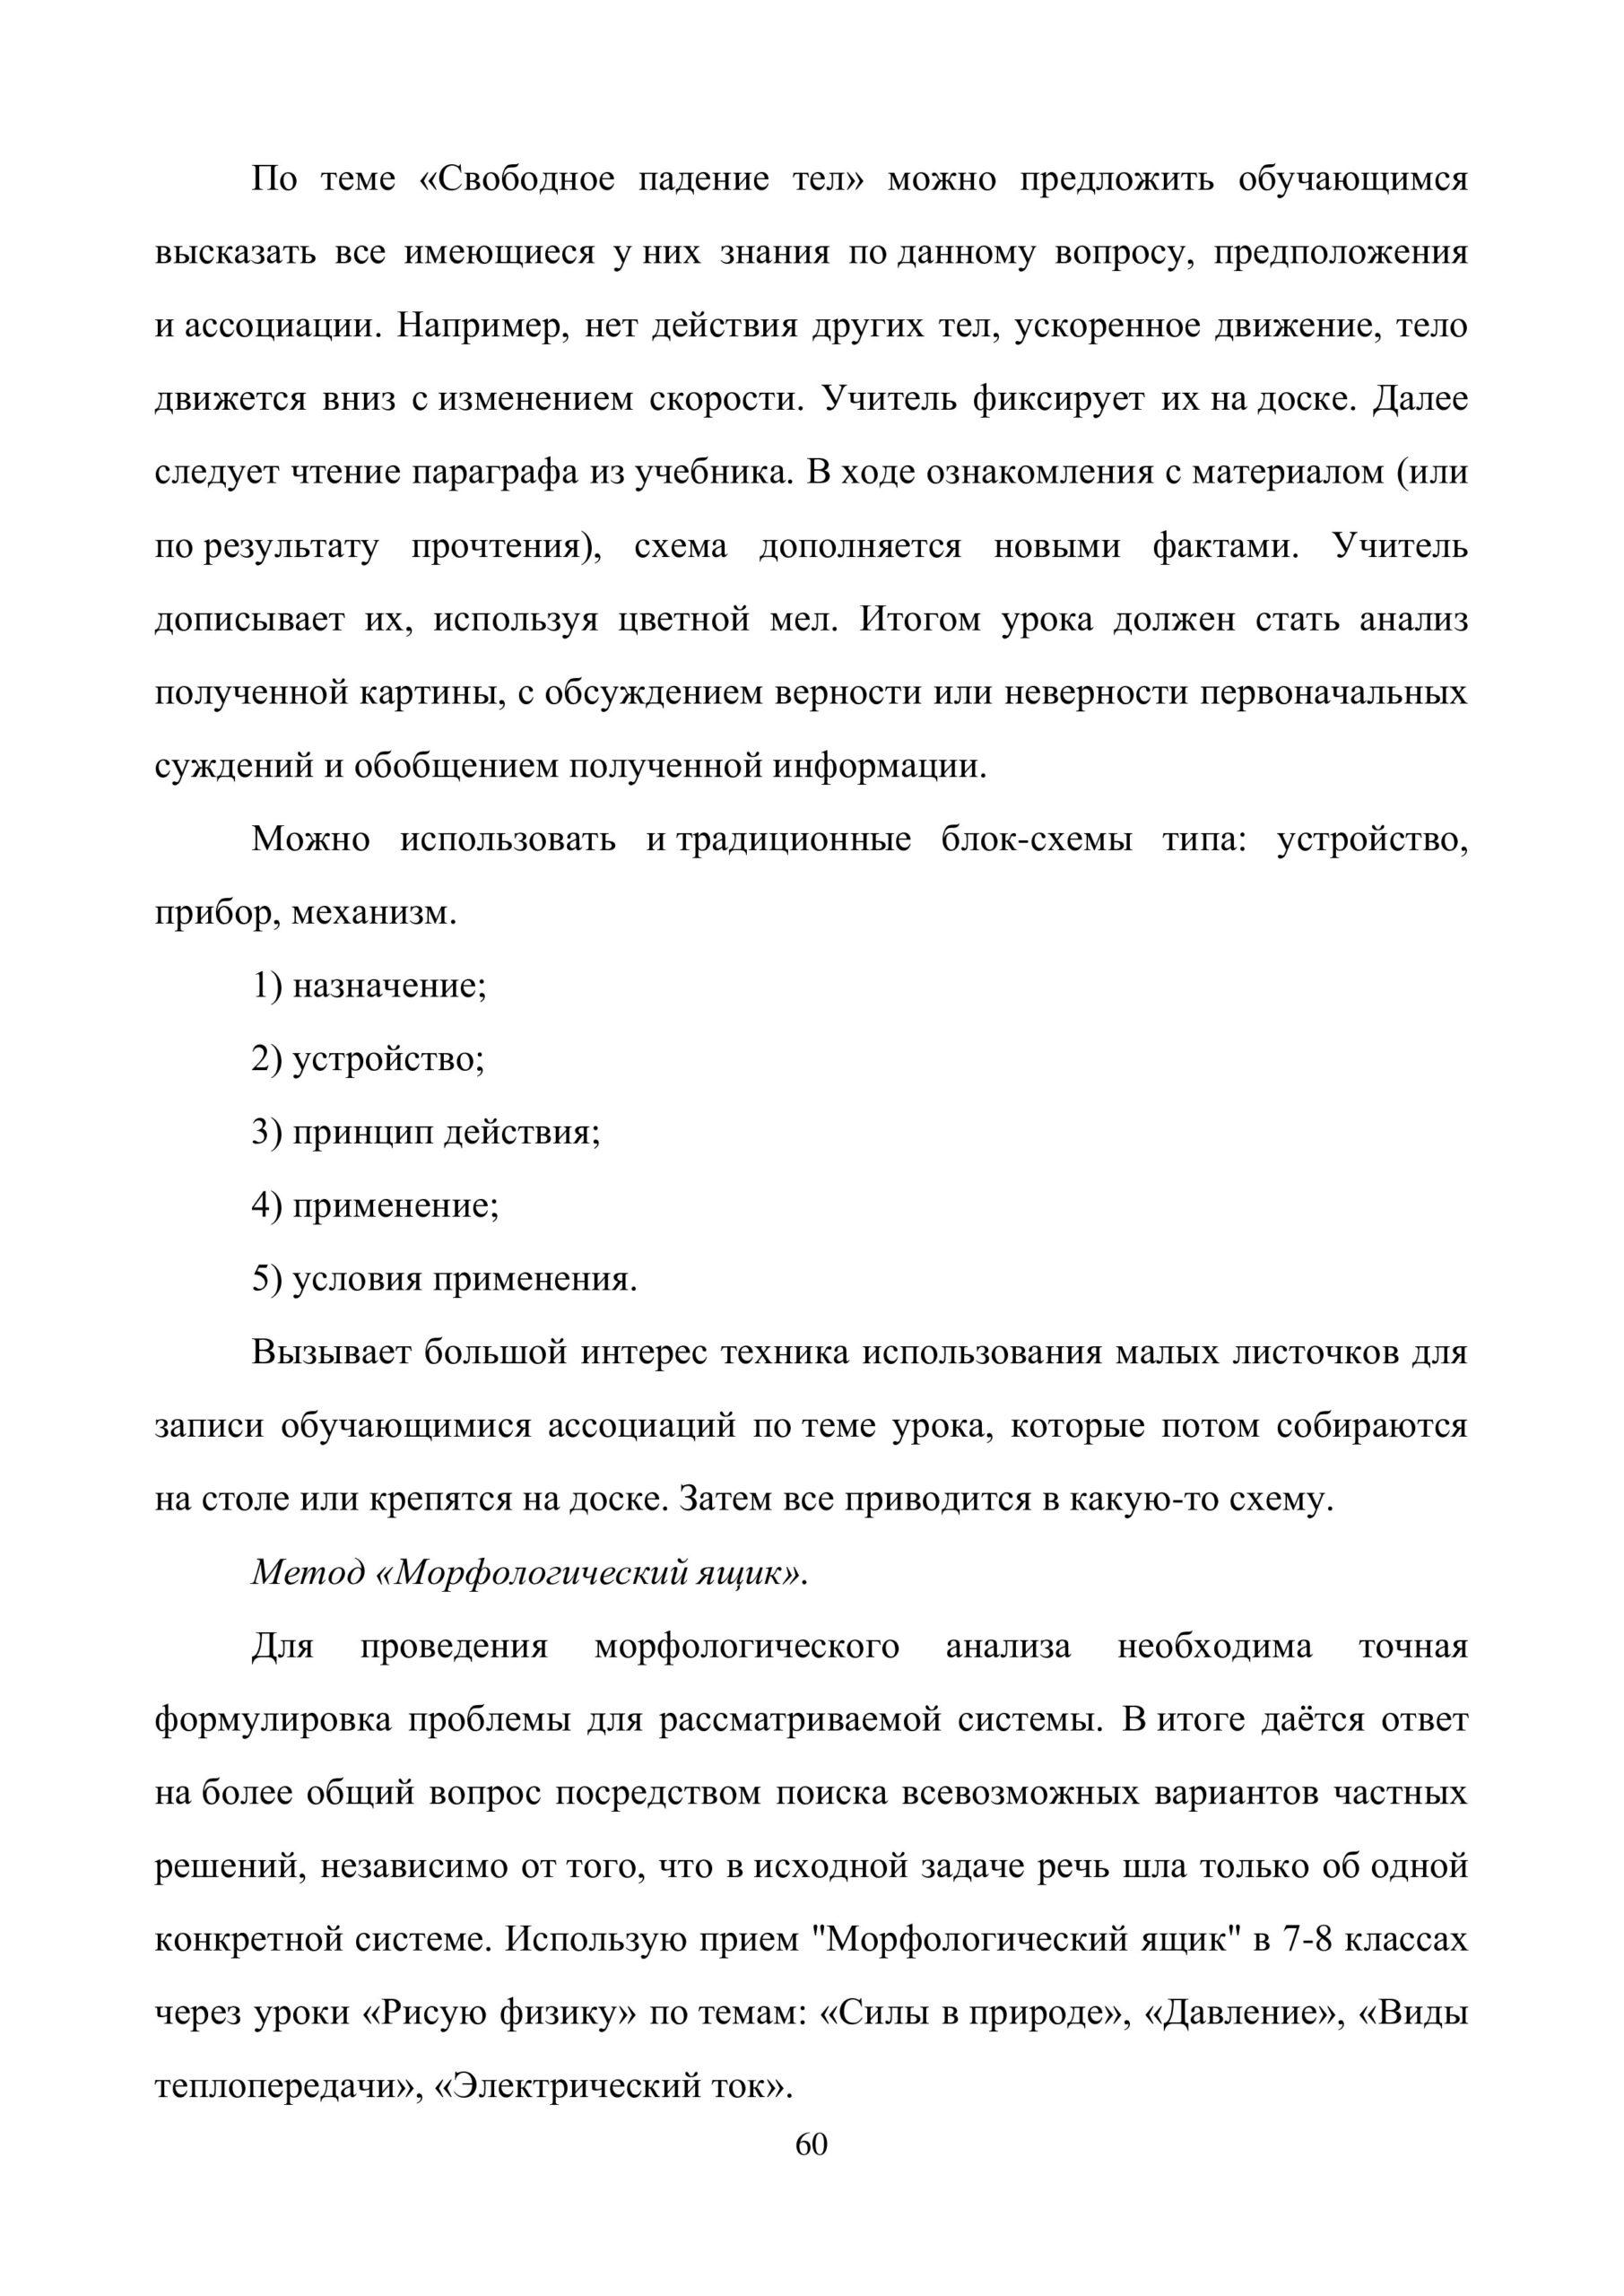 Сборник конференции СОТ физика_059